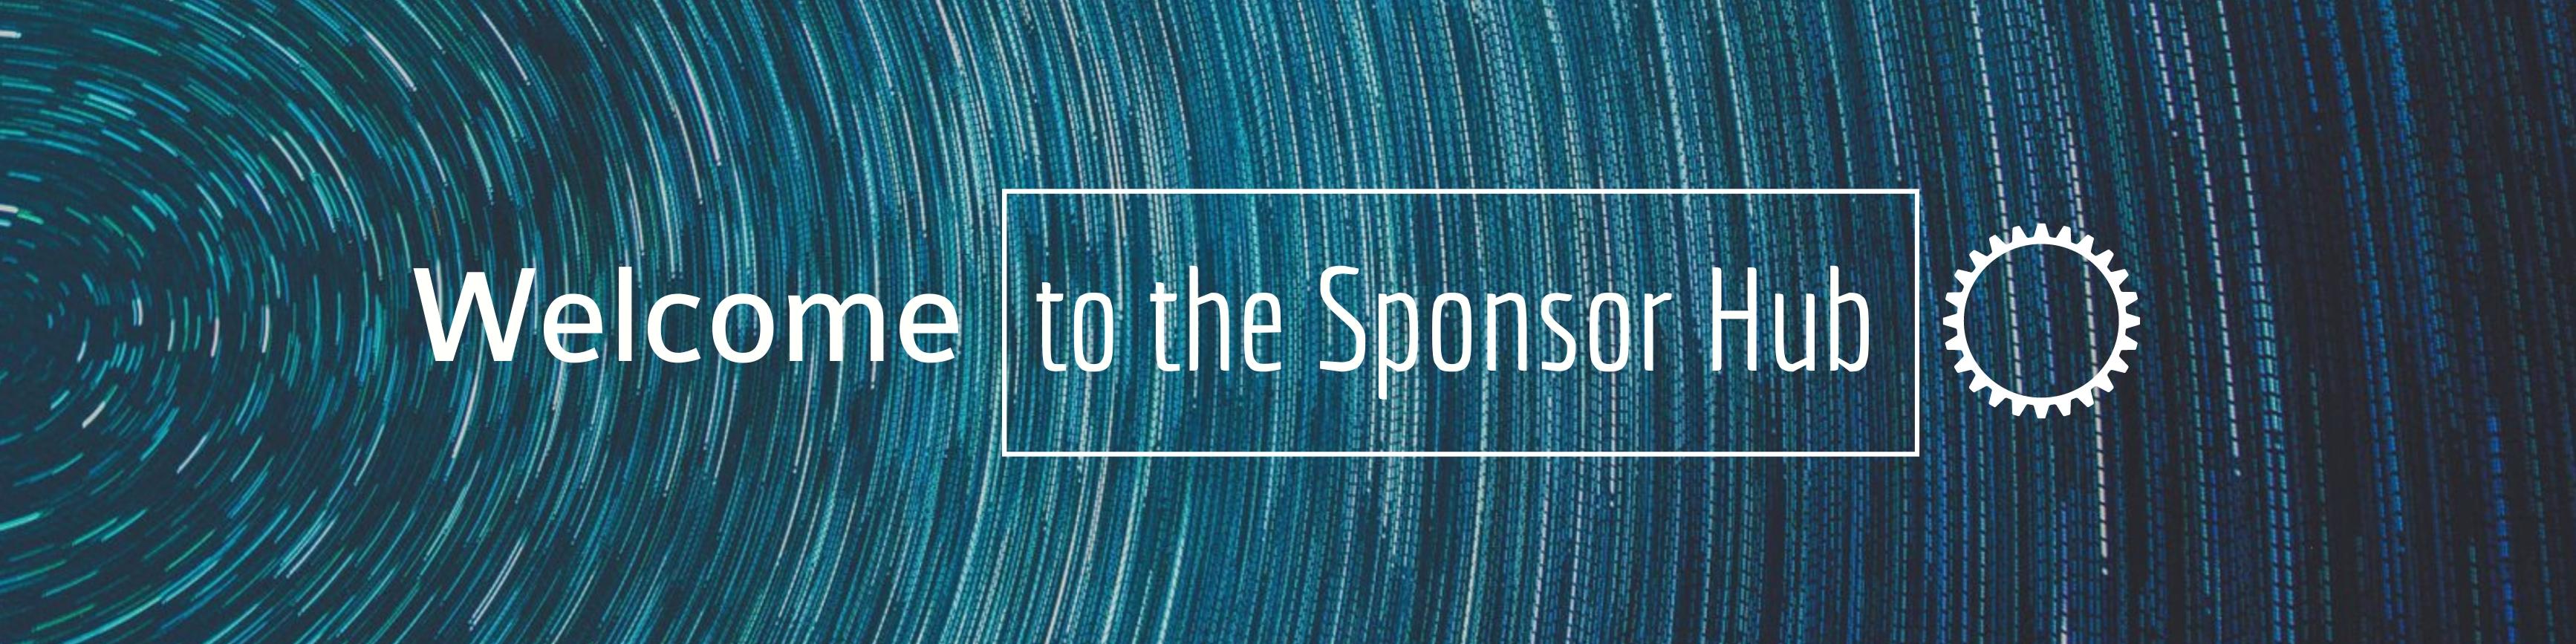 Sponsor Hub Banner